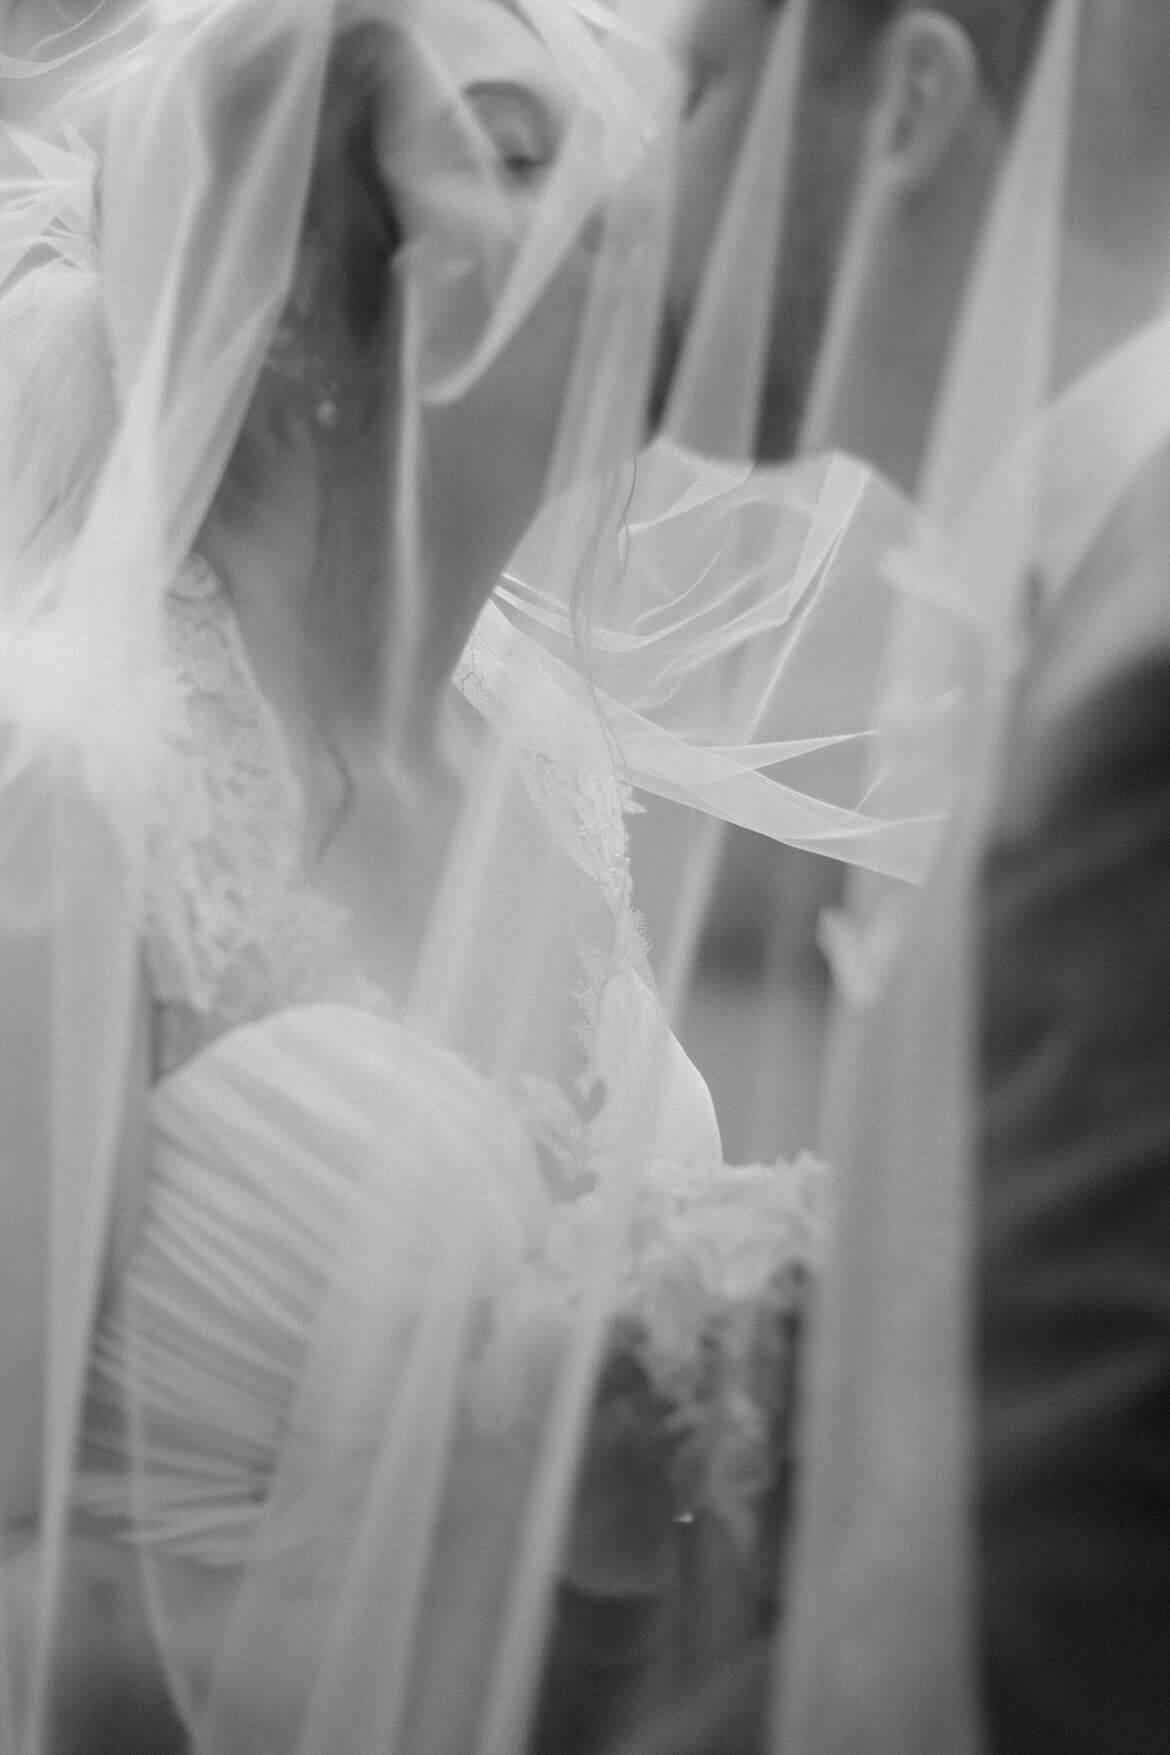 Schwarz Weiß Foto von Brautpaar unter Schleier